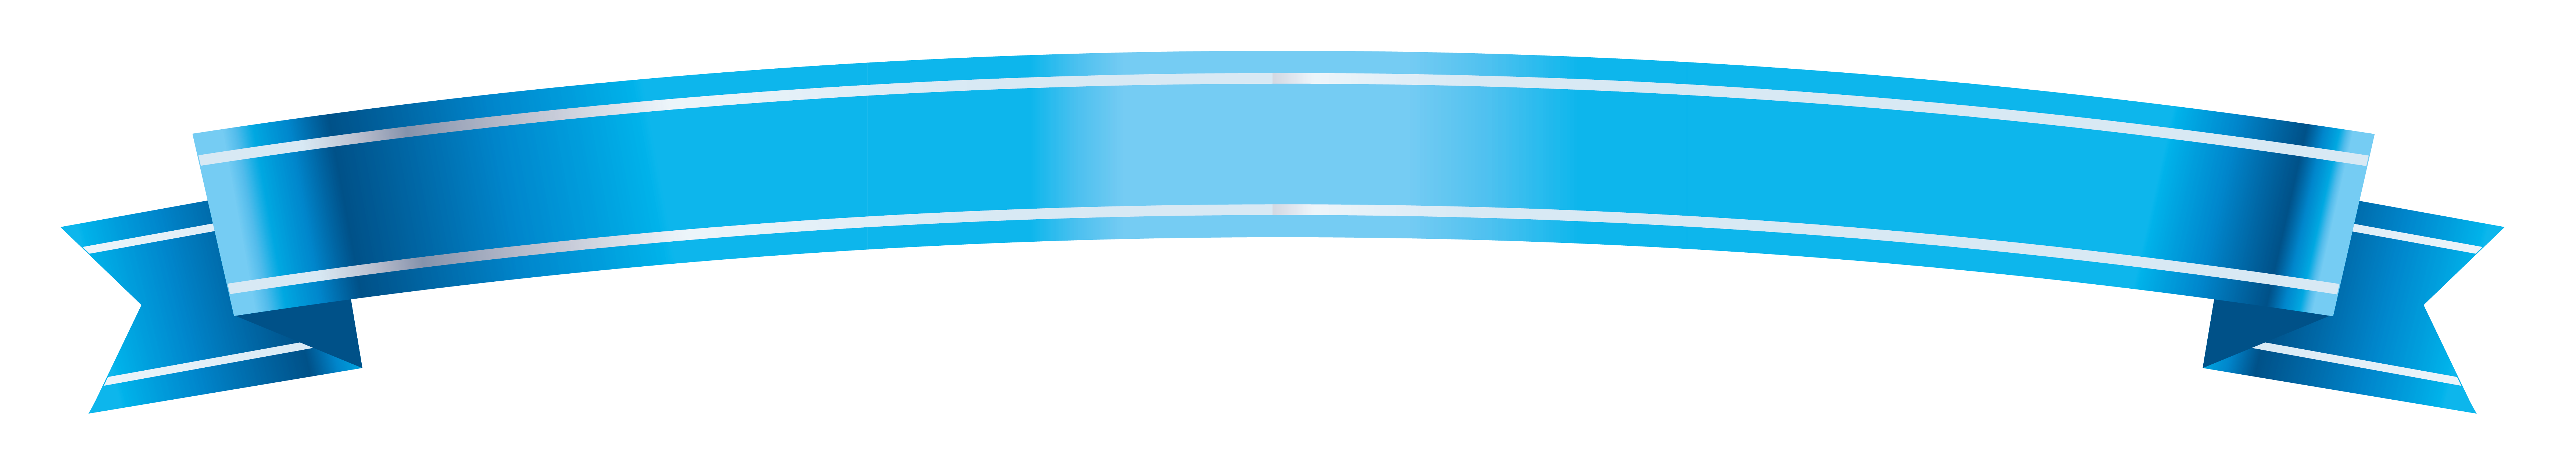 blue ribbon banner clip art car interior design. Black Bedroom Furniture Sets. Home Design Ideas